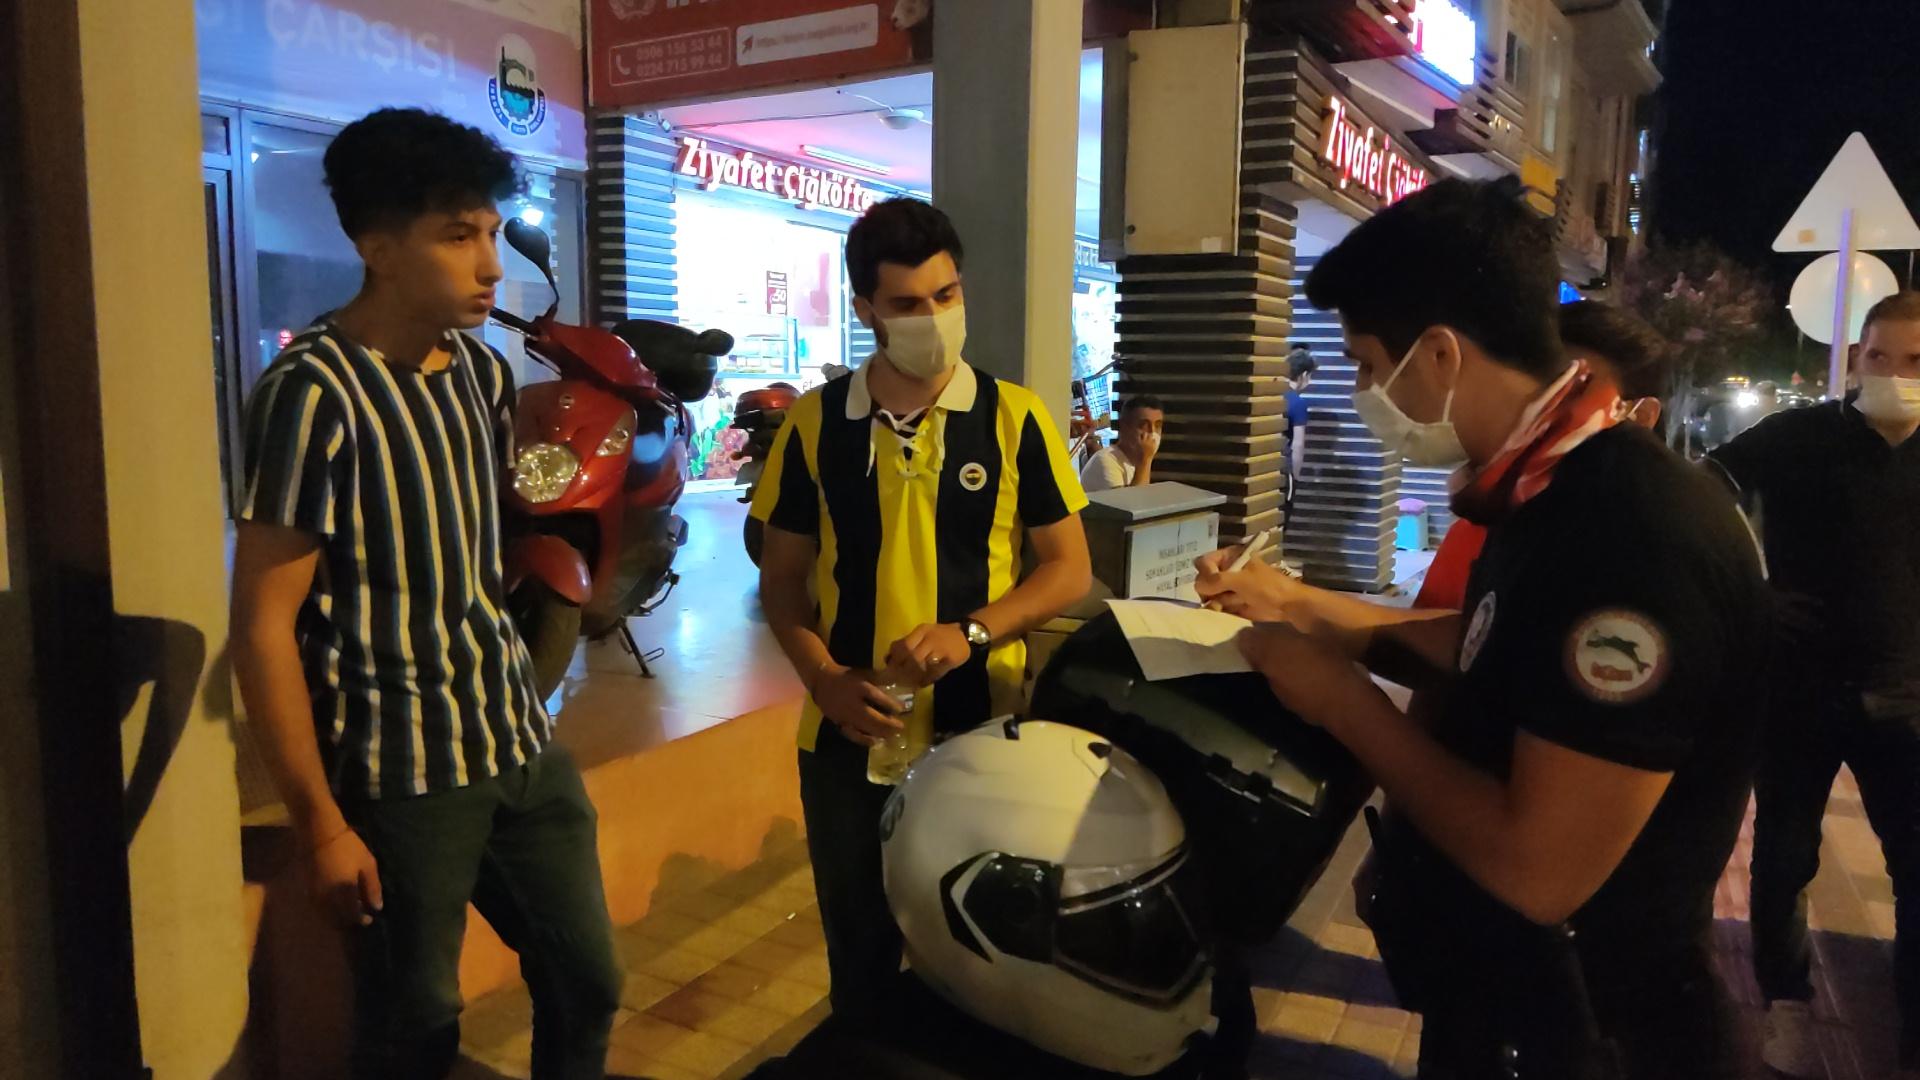 polisin-maske-sordugu-genc-maske-zorunlulugundan-haberim-yok-dedi-3095-dhaphoto3.jpg